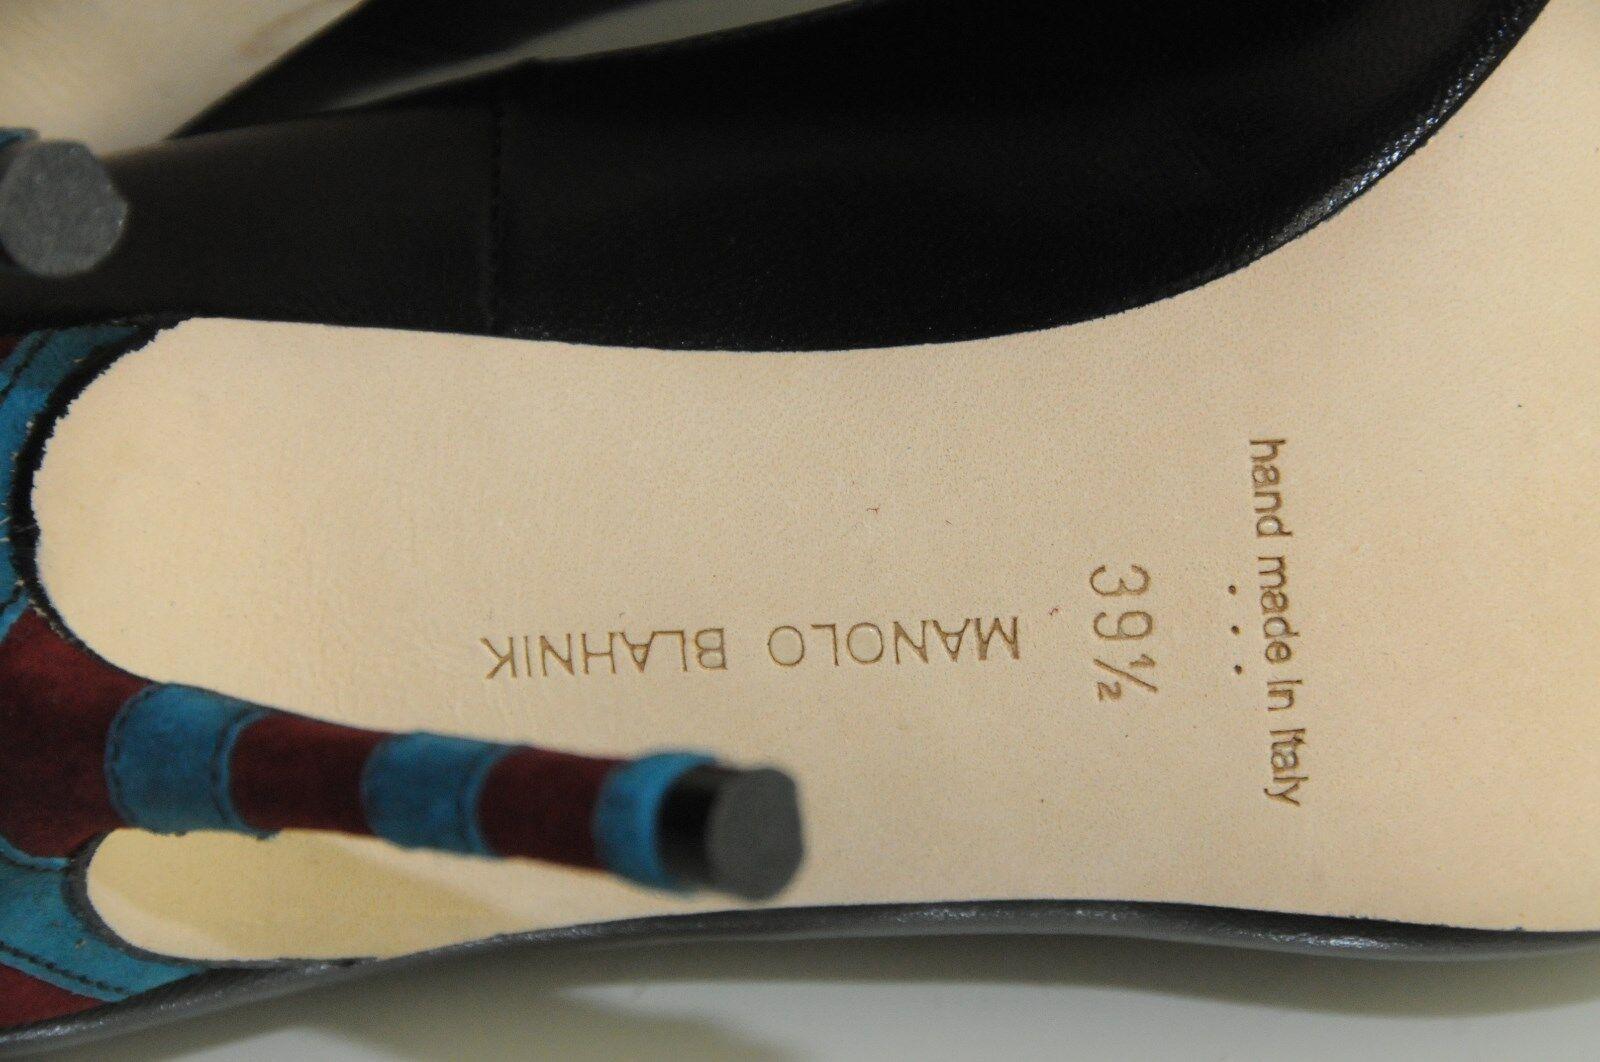 Neu Manolo Blahnik Timbro Bb Absatz Schwarz Schwarz Schwarz 105 Burgund Aquamarin Pumps Schuhe 05b8e0